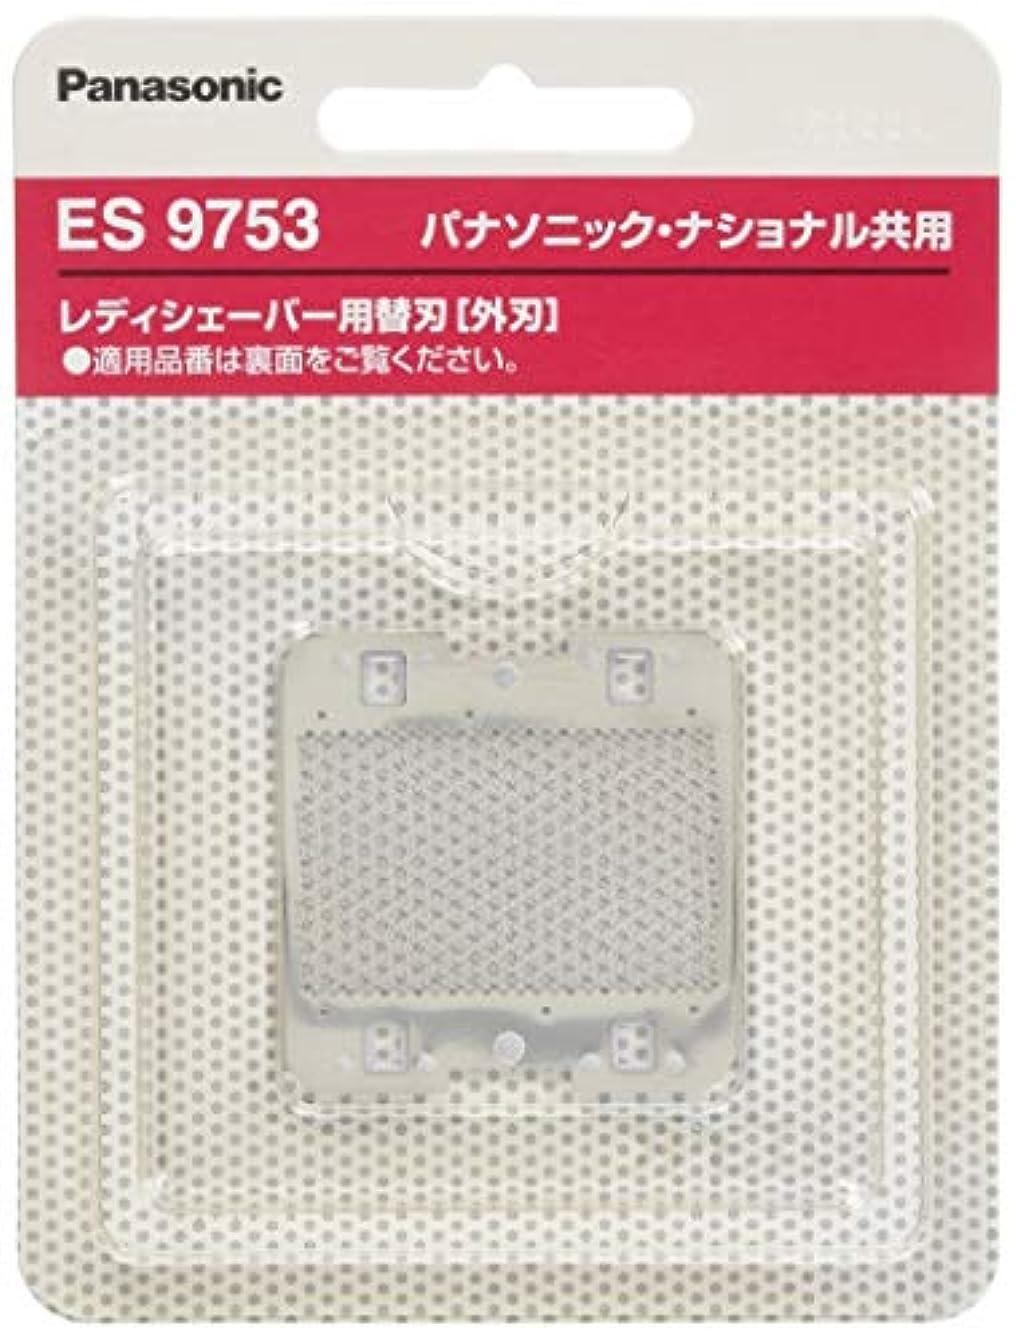 征服者代表勉強するパナソニック 替刃 レディシェーバー用 ES9753